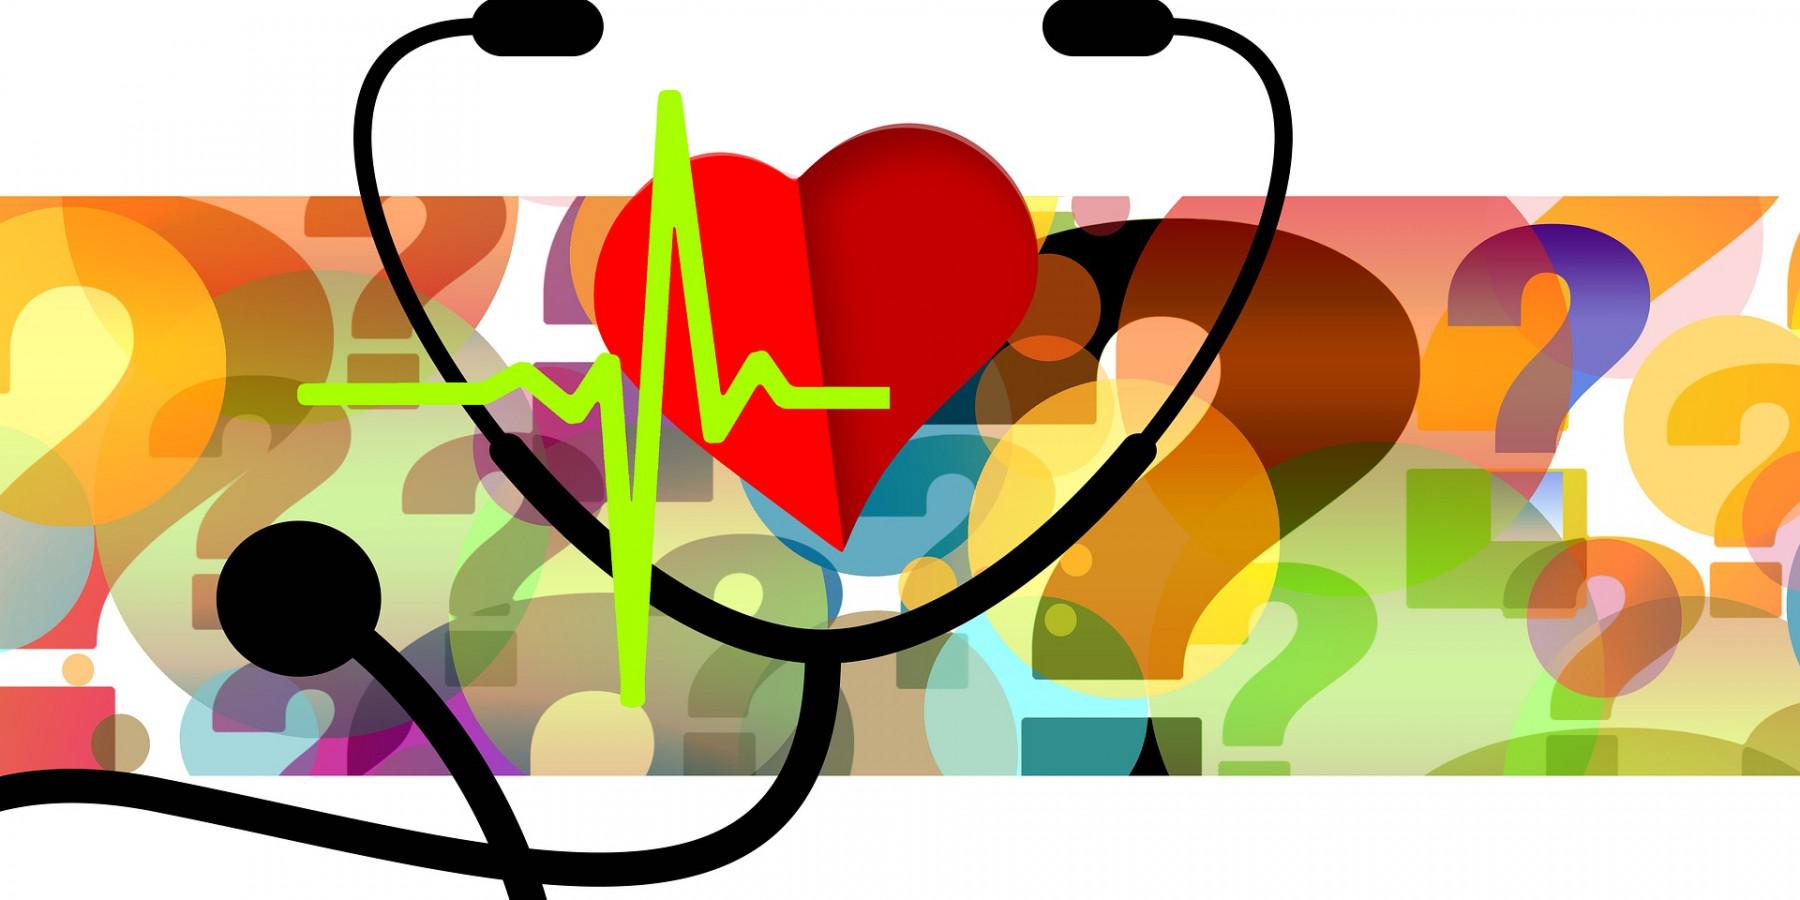 Herz-Kreislauf-Patienten: Erhöhte Vorsicht in Coronazeiten